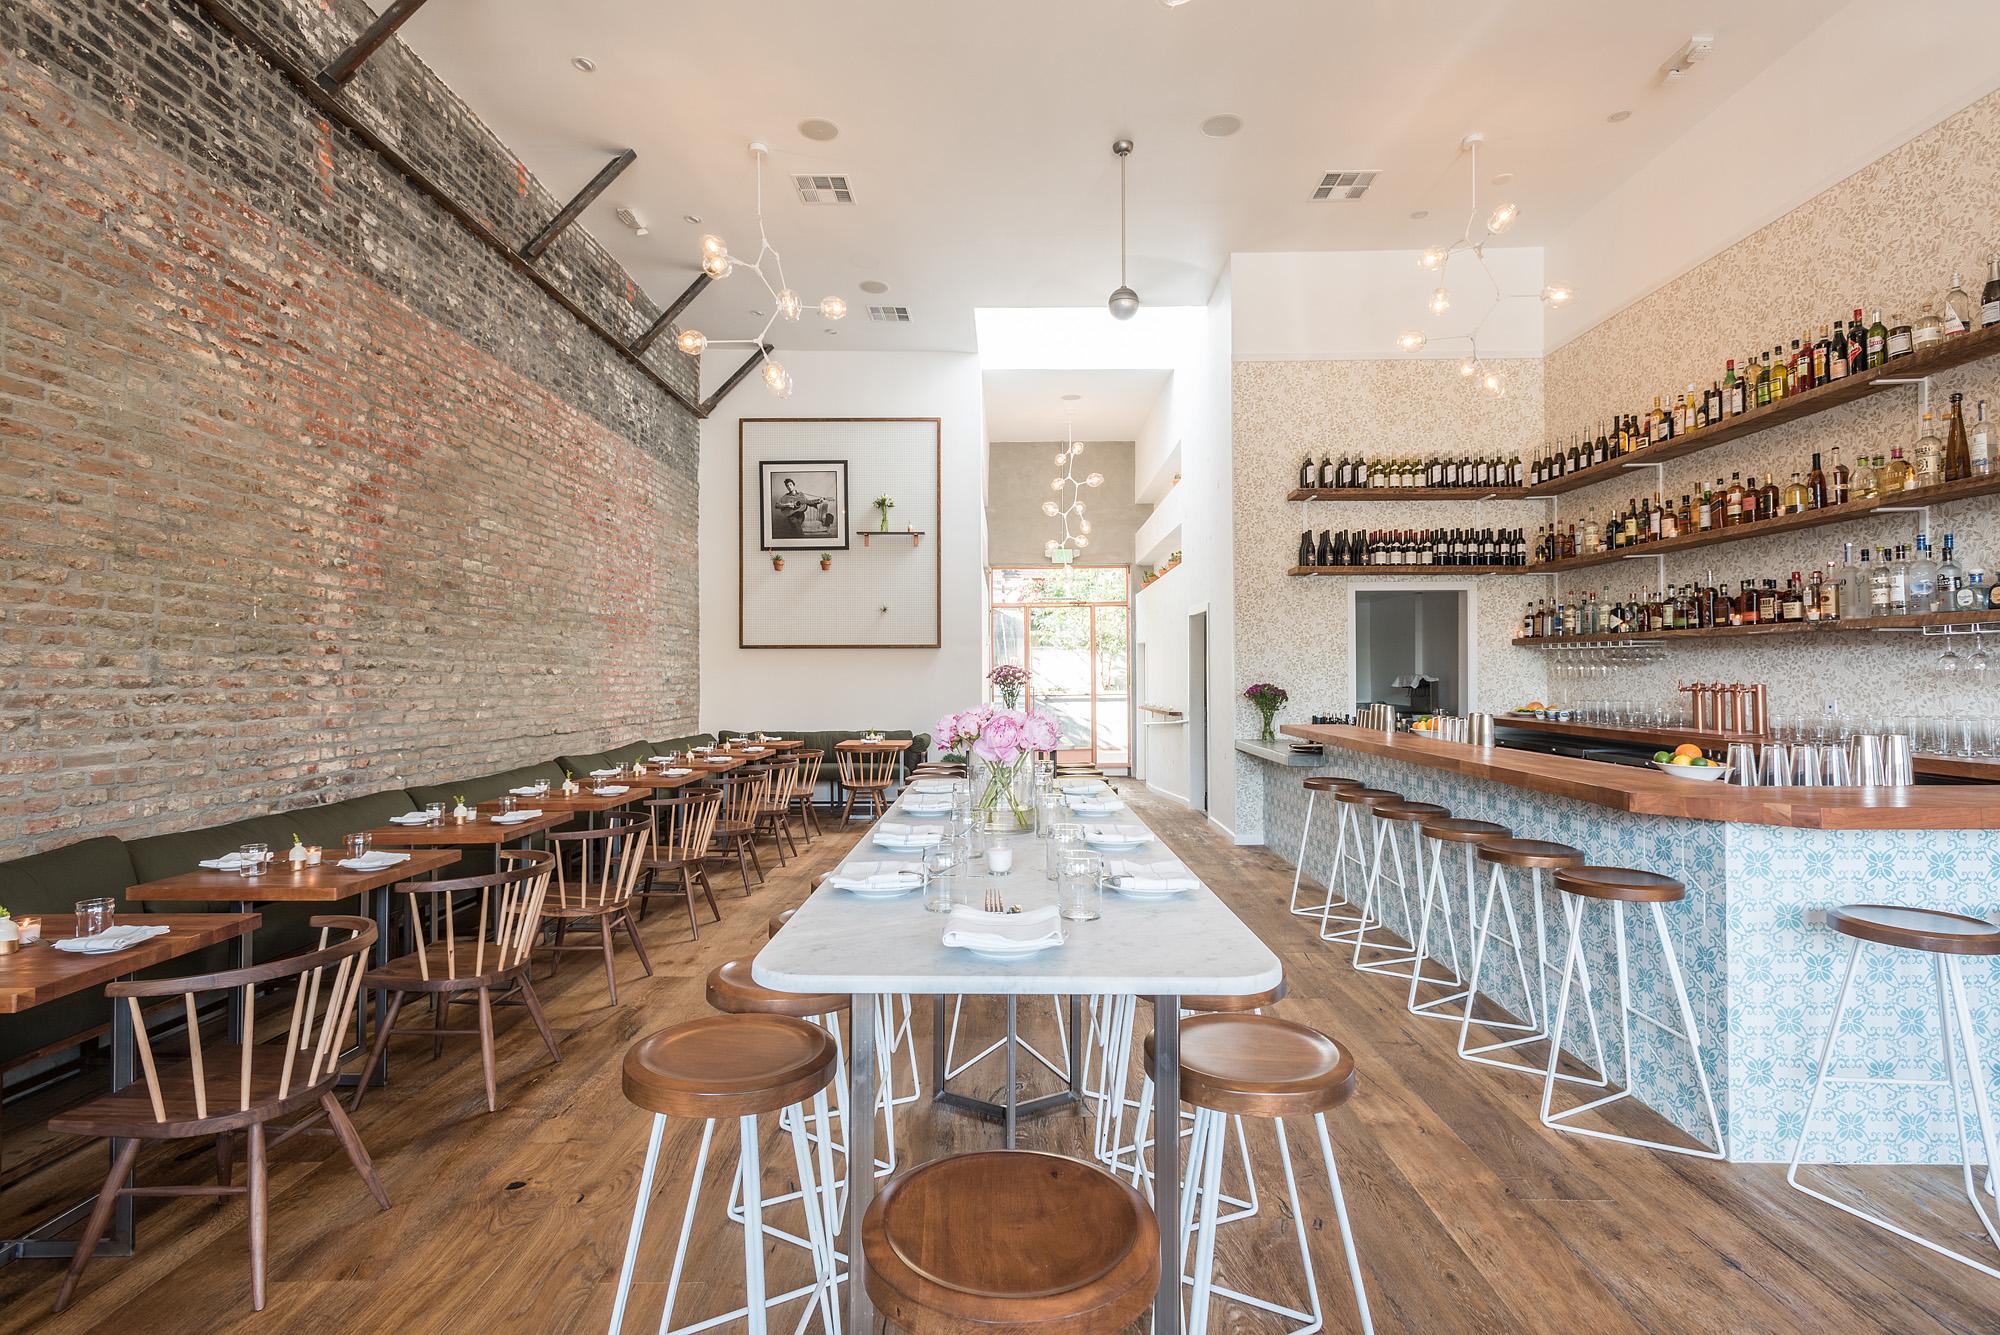 Sawyer Restaurant